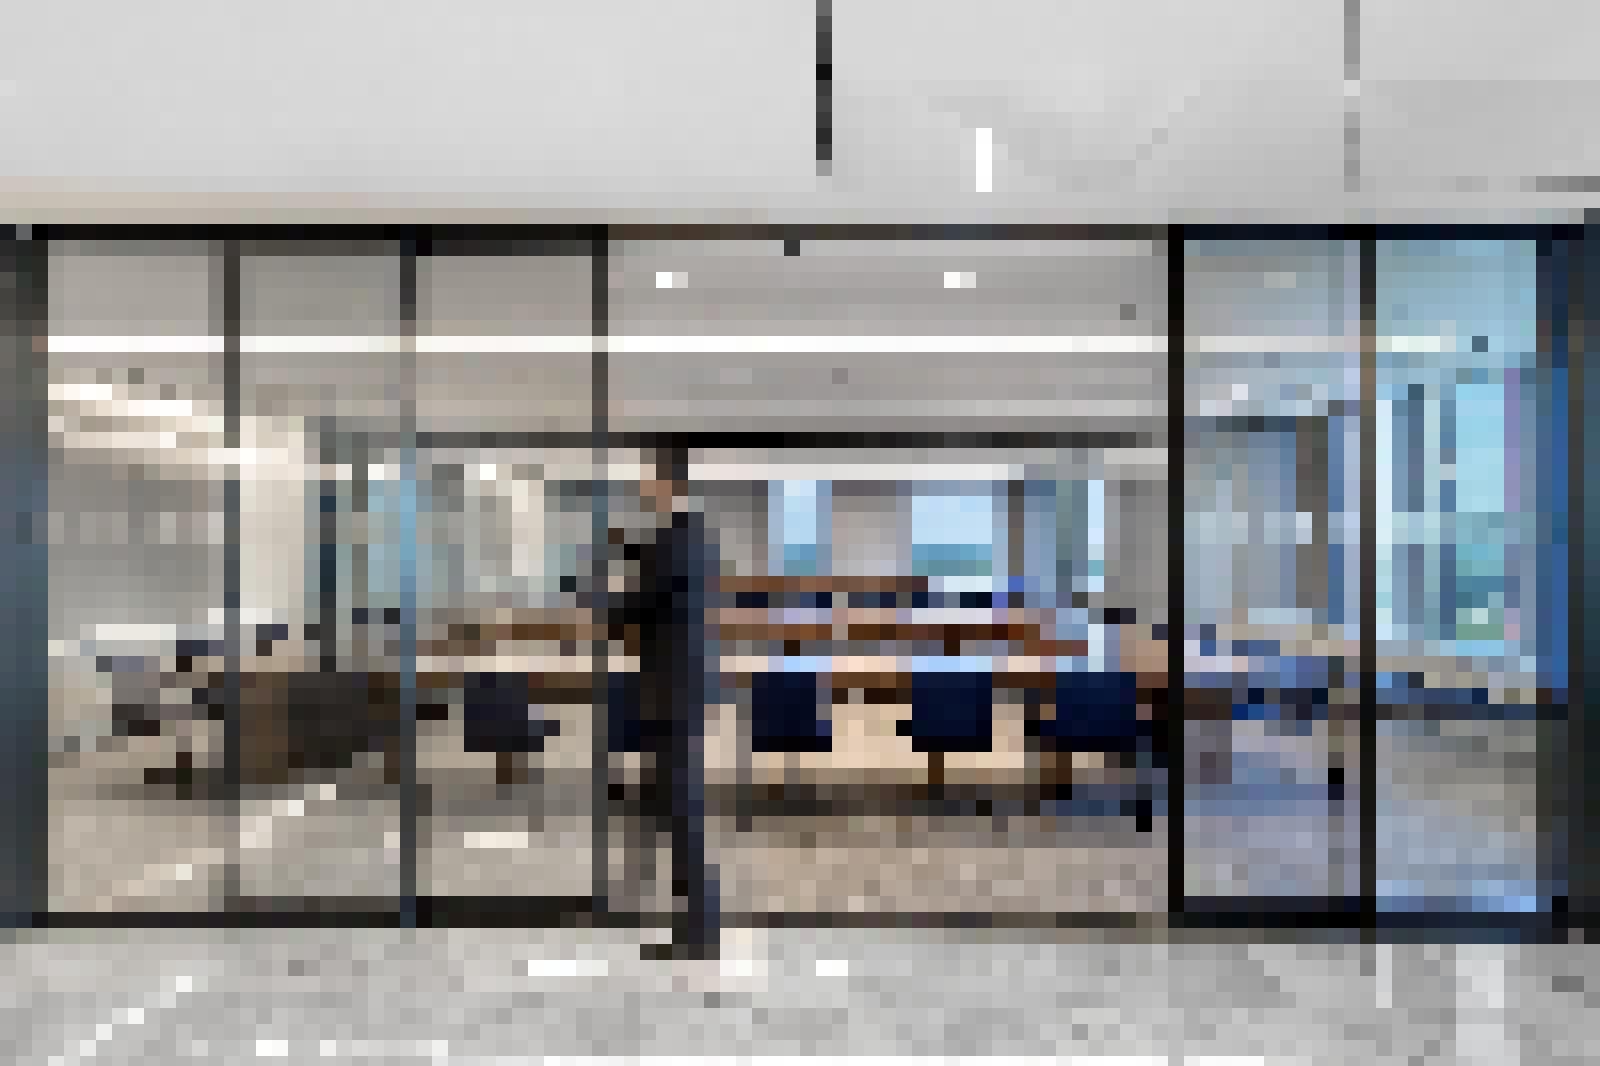 Minimal Framed Sliding Glass Walls Highlights